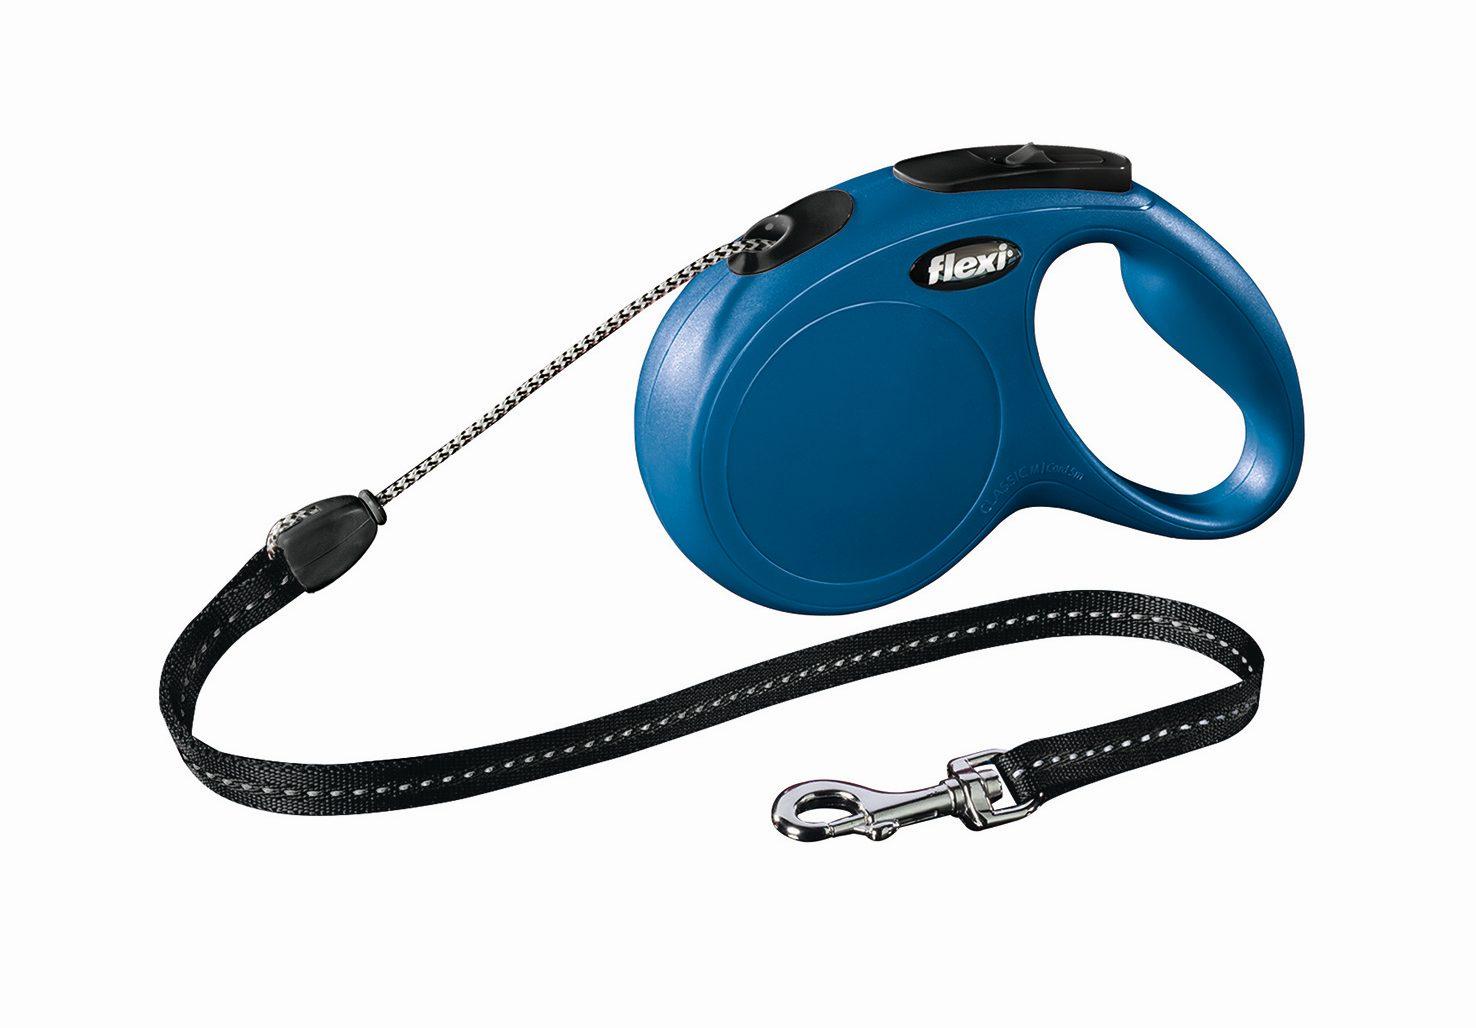 Поводок-рулетка Flexi Classic Basic M для собак до 20 кг, цвет: синий, 5 м022610Поводок-рулетка Flexi Classic Basic M изготовлен из пластика и нейлона. Подходит для собак весом до 20 кг. Тросовый поводок обеспечивает каждой собаке свободу движения, что идет на пользу здоровью и радует вашего четвероногого друга. Рулетка очень проста в использовании. Она оснащена кнопками кратковременной и постоянной фиксации. Ее можно оснастить мультибоксом для лакомств или пакетиков для сбора фекалий, LED подсветкой корпуса, своркой или ремнем с LED подсветкой. Поводок имеет прочный корпус, хромированную застежку и светоотражающие элементы. Длина поводка: 5 м. Максимальная нагрузка: 20 кг. Товар сертифицирован.